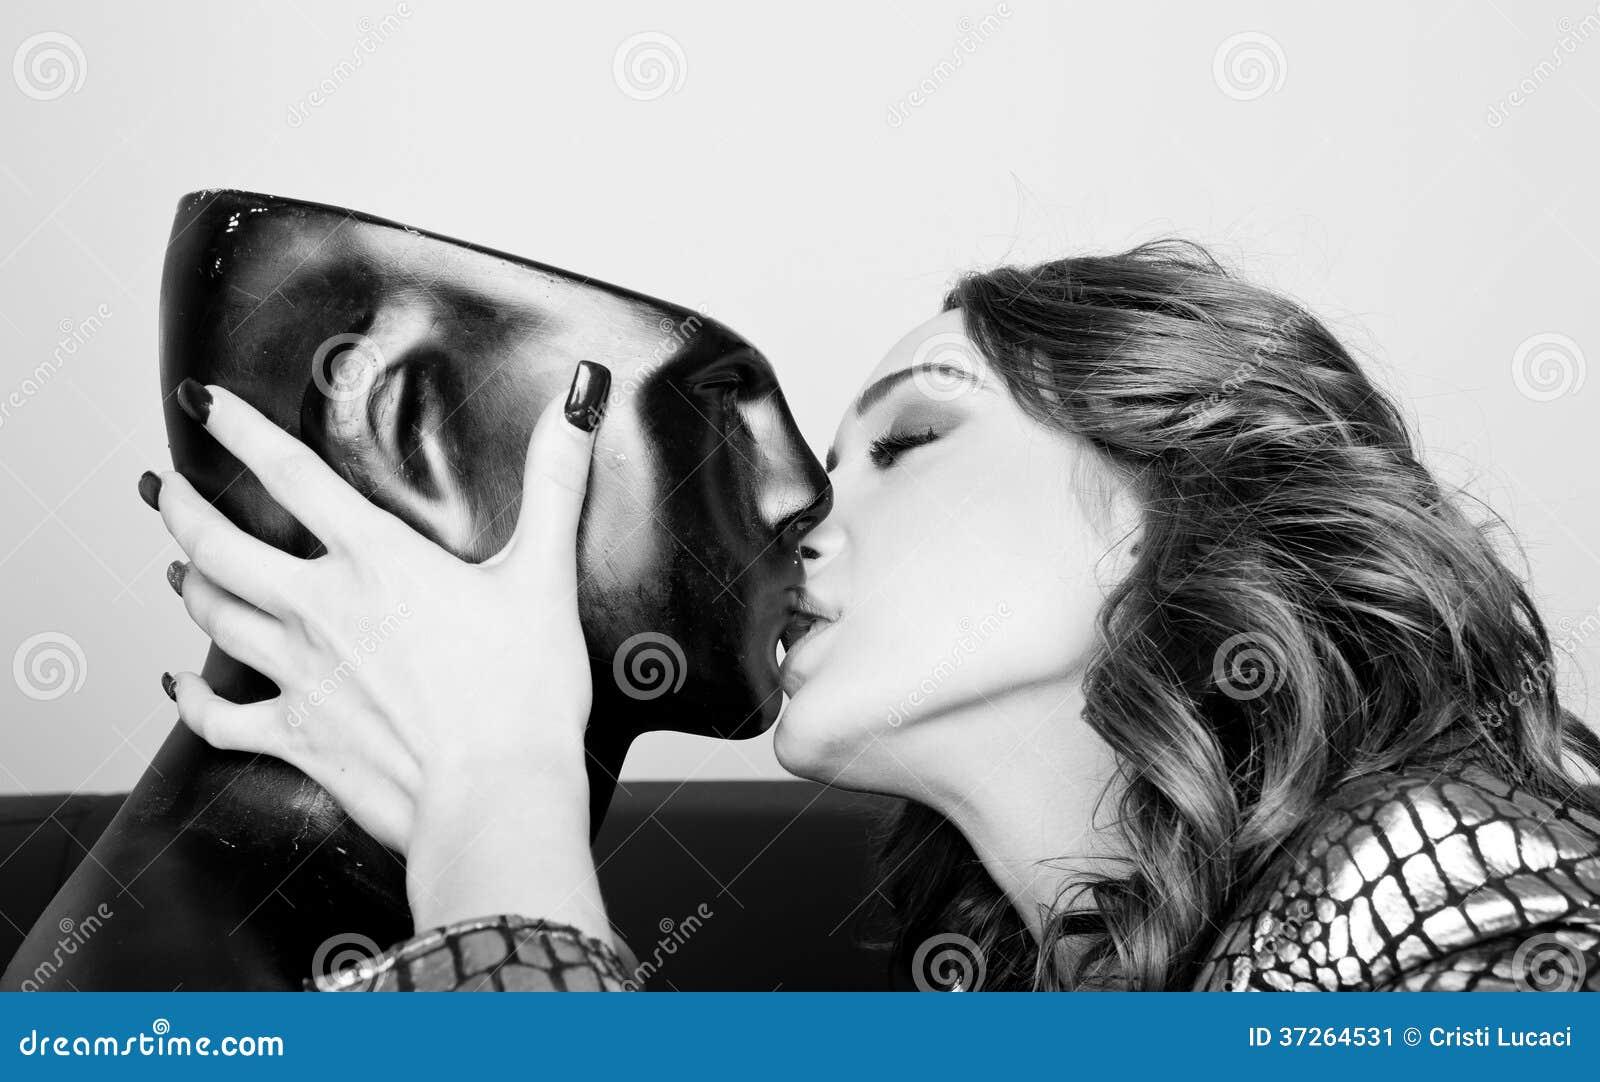 Resultado de imagem para woman kissing a mannequin